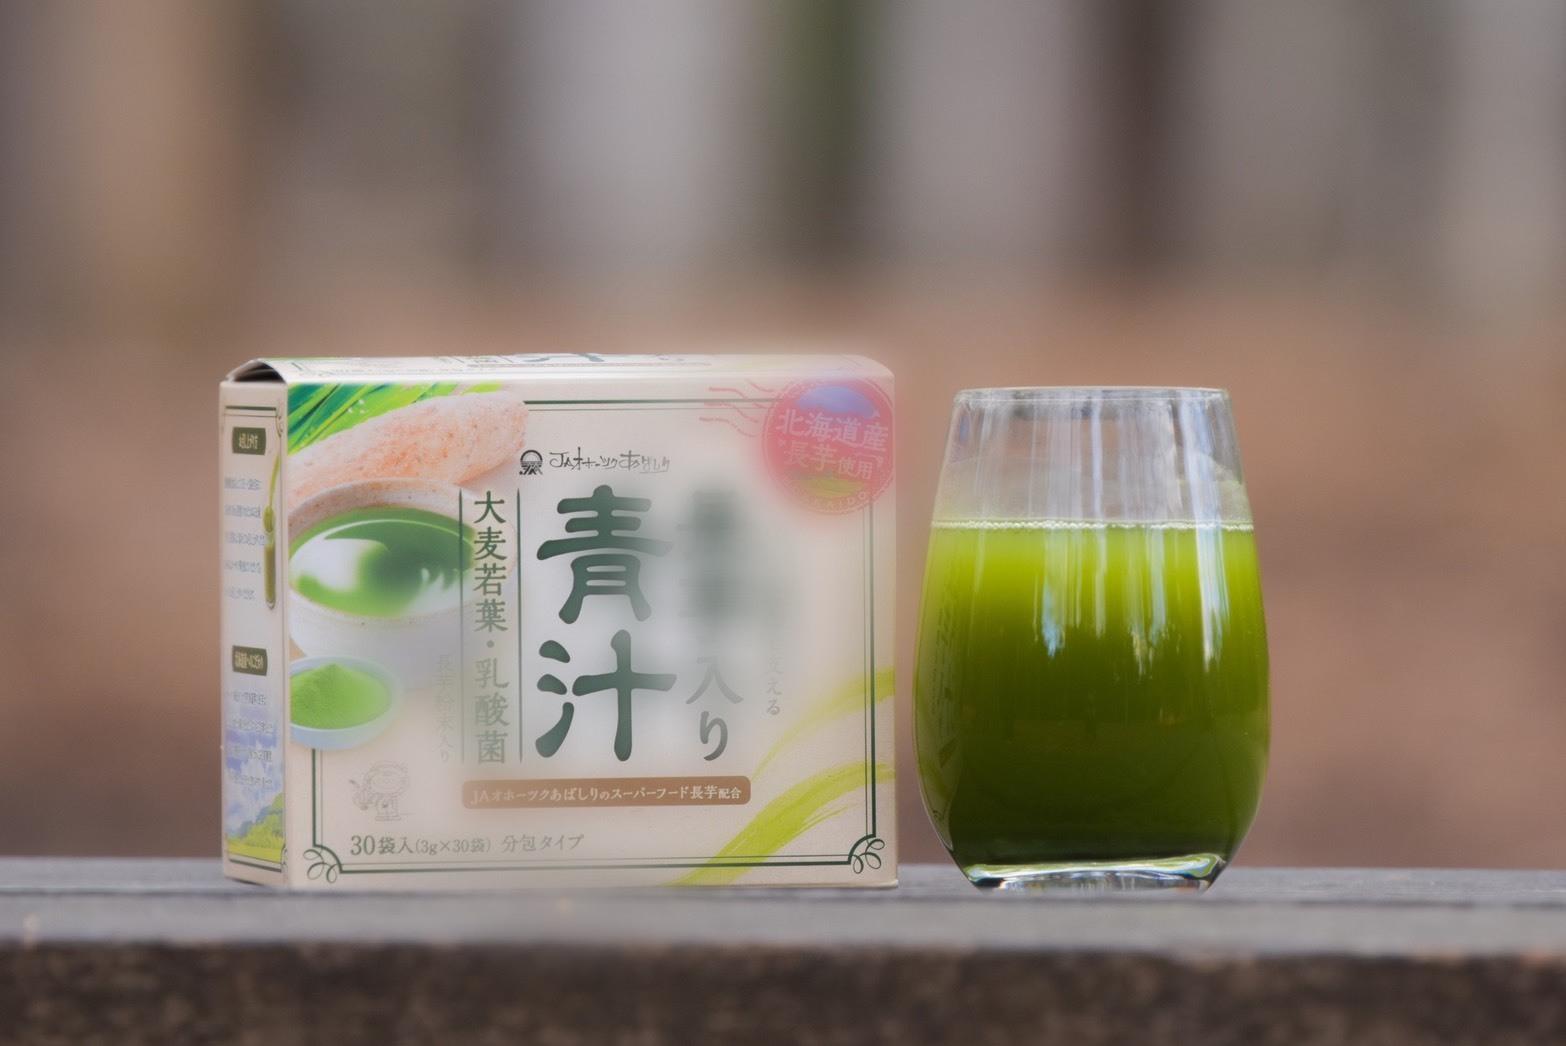 北海道産の○○を使用!本当に苦くない青汁には何が入っている??